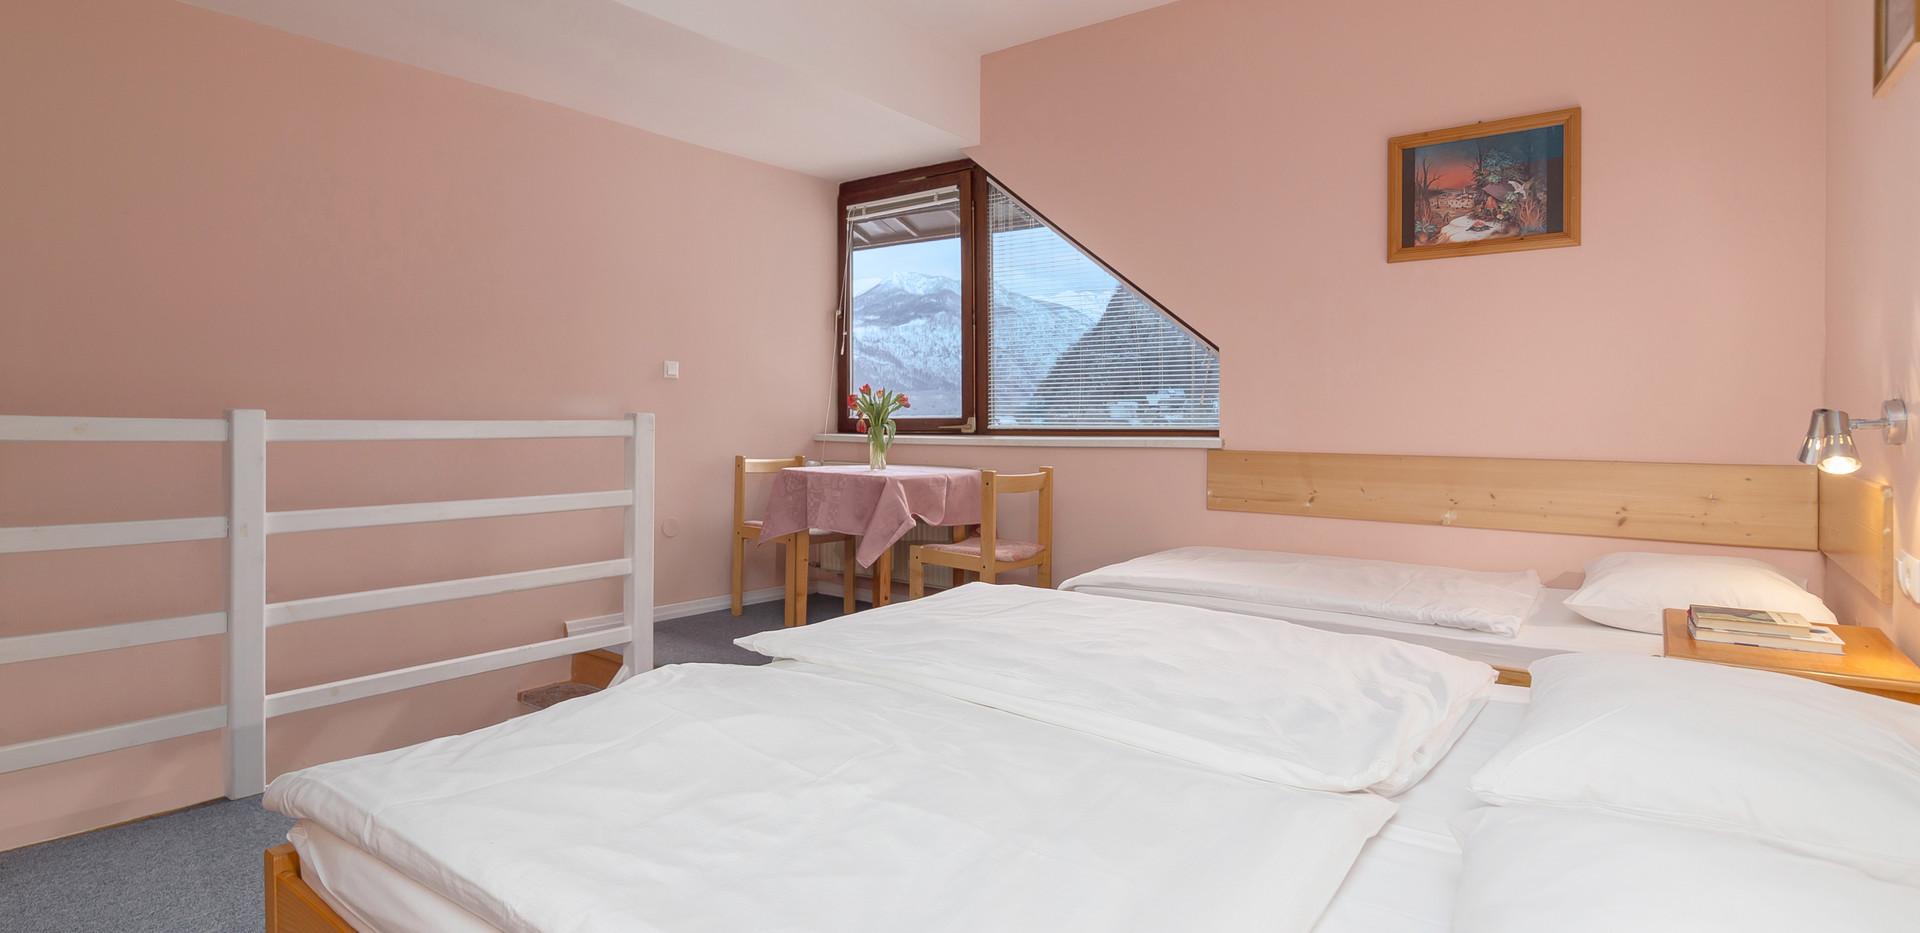 B-402-bedroom_1801.jpg